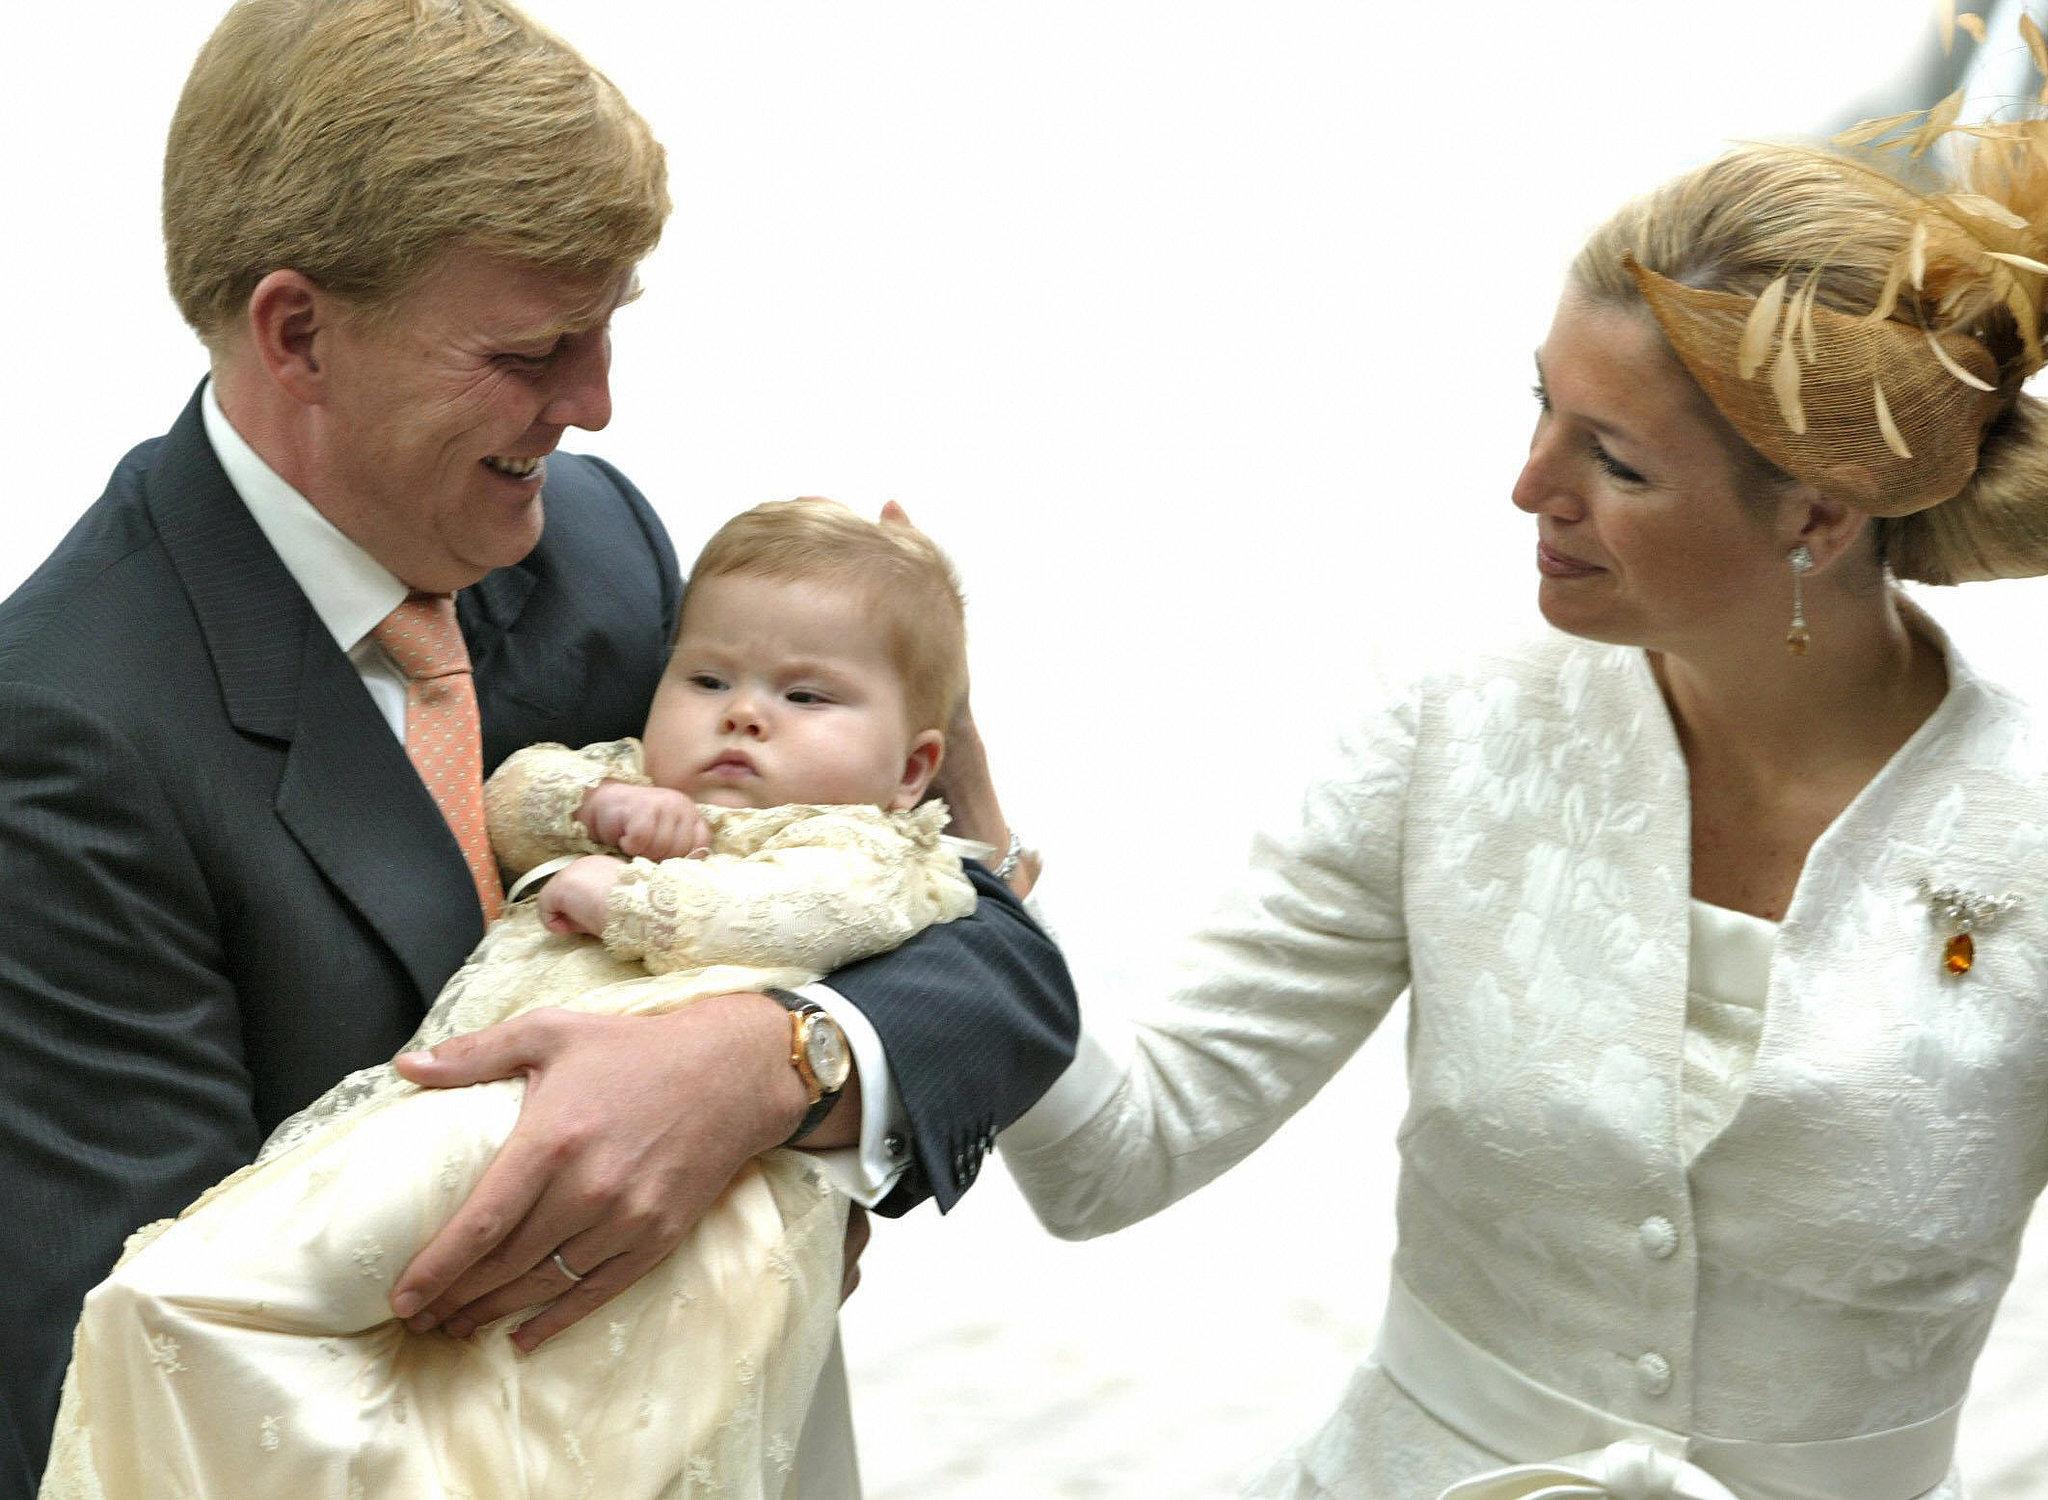 Now King Willem Alexander Queen Maxiima Netherlands held Bebe rođene u kraljevskoj porodici